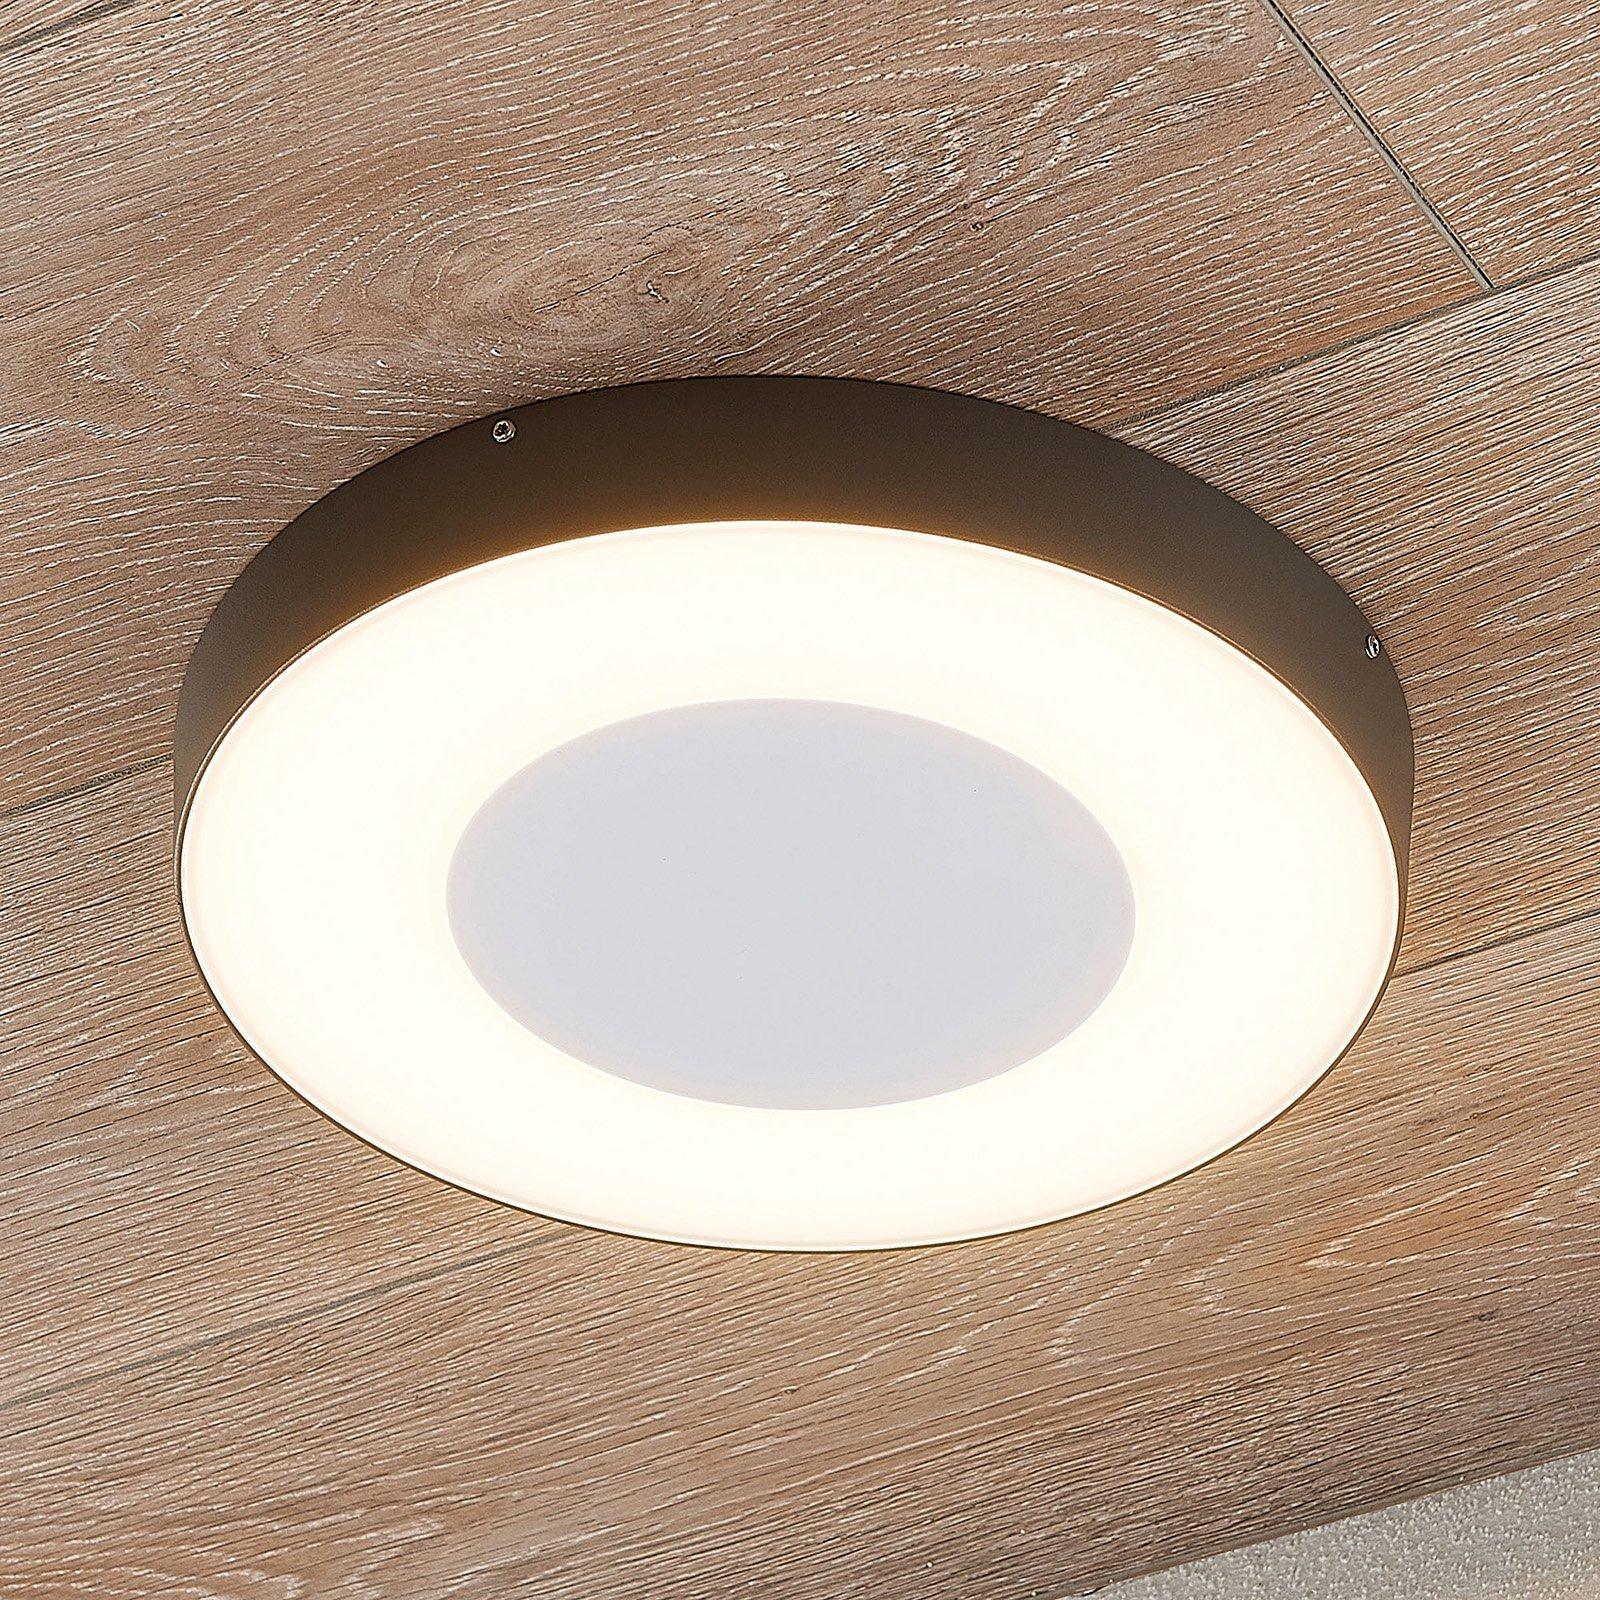 LED utendørs taklampe Sora, rund